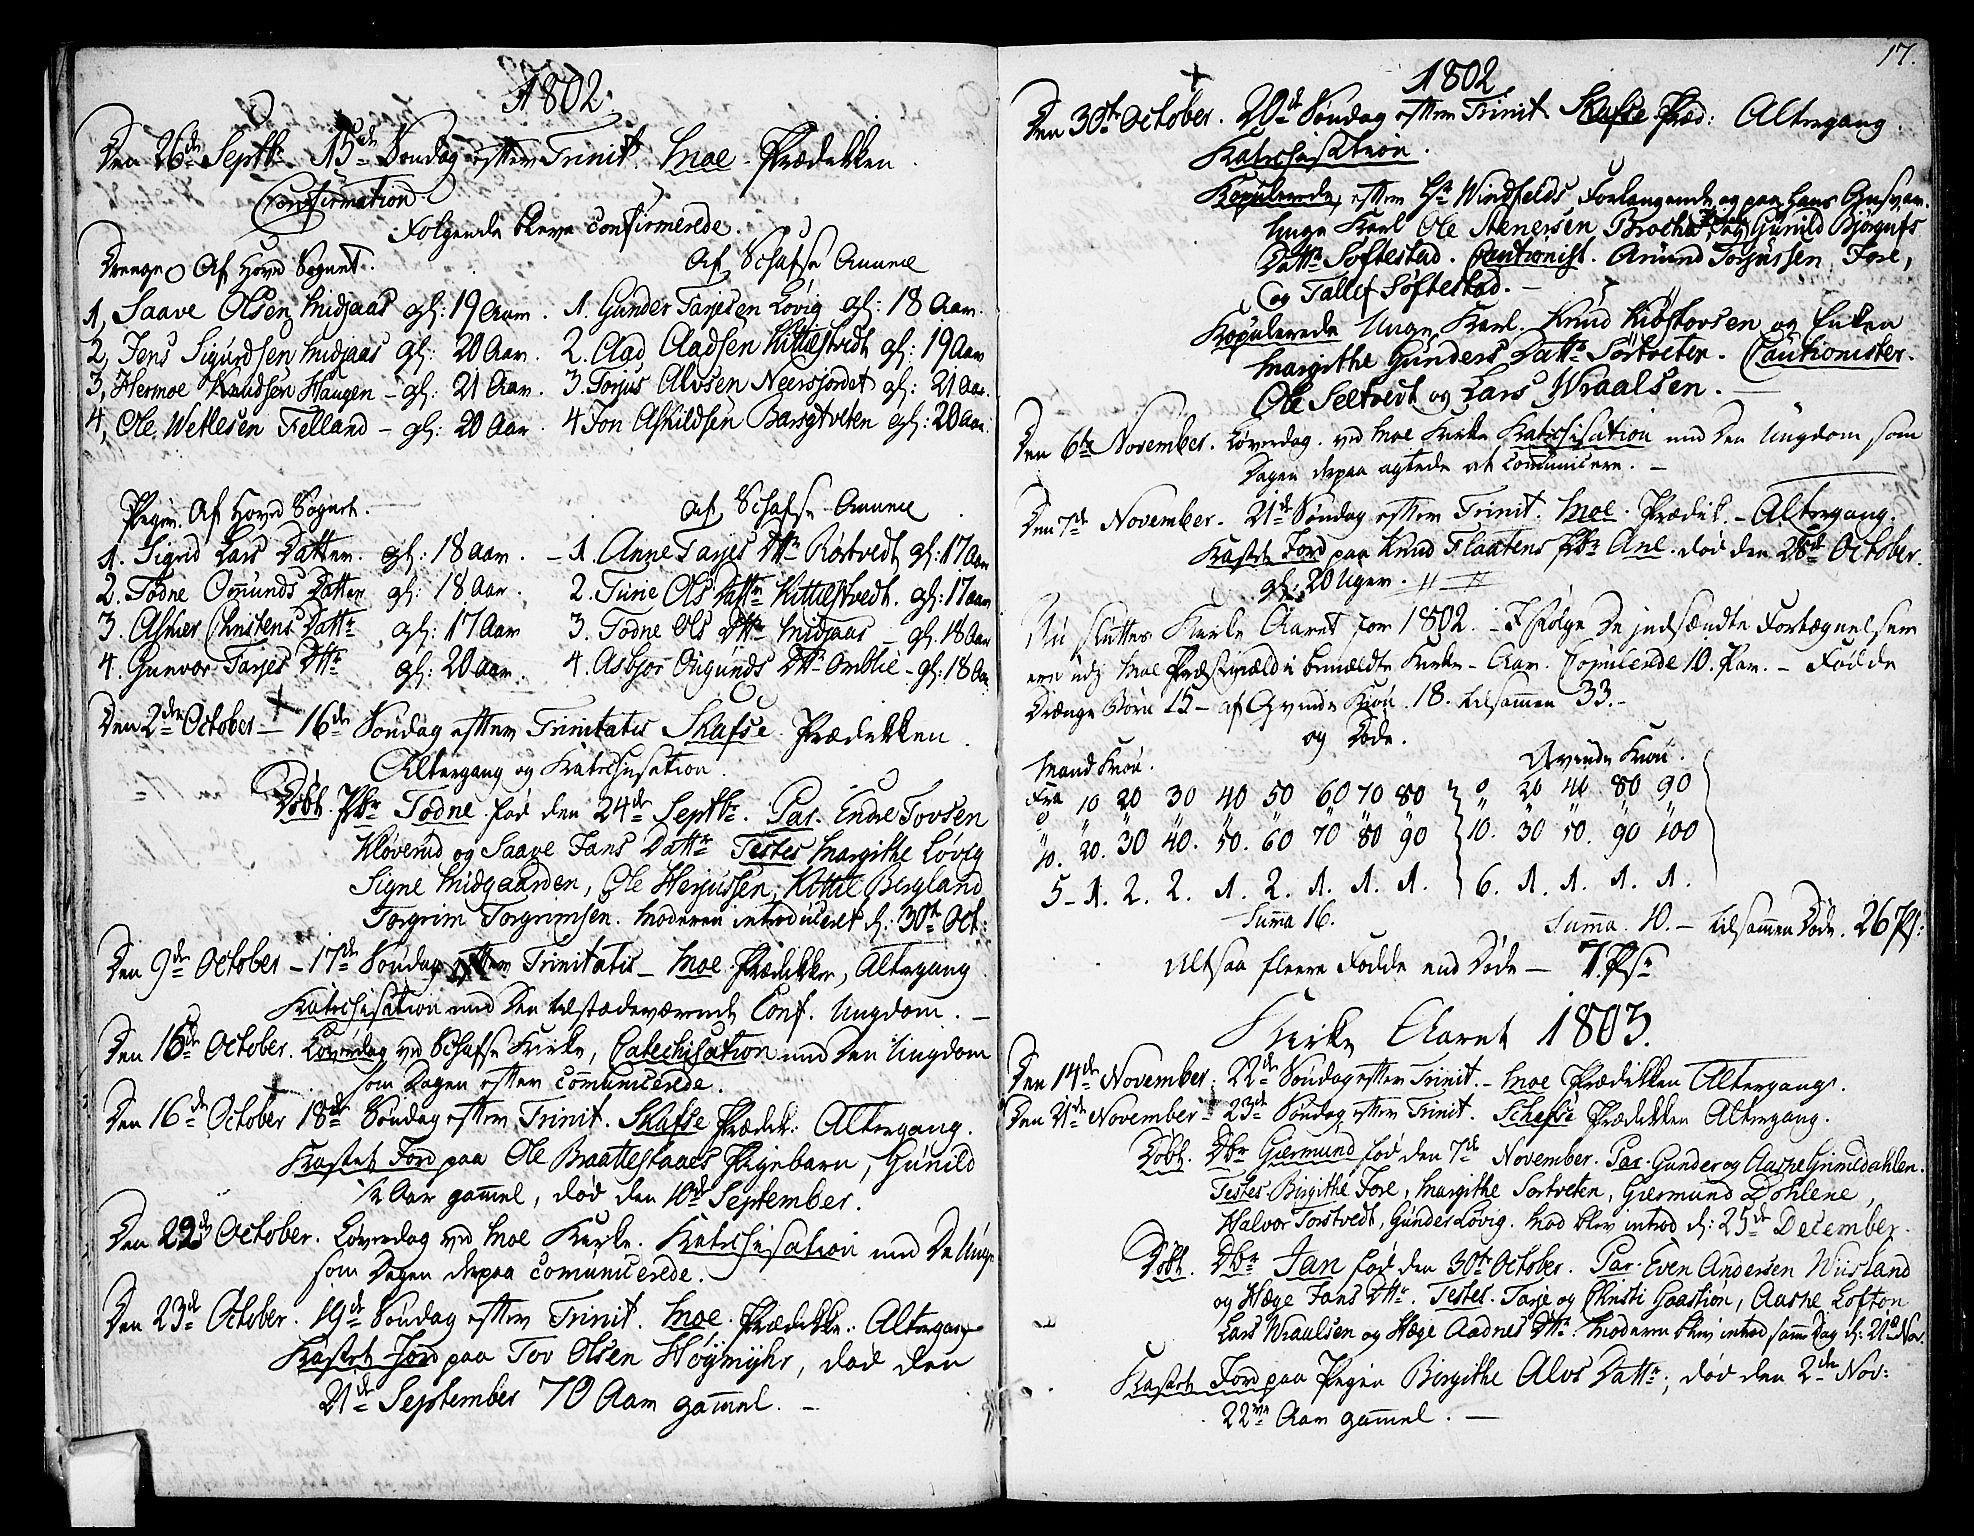 SAKO, Mo kirkebøker, F/Fa/L0003: Ministerialbok nr. I 3, 1800-1814, s. 17